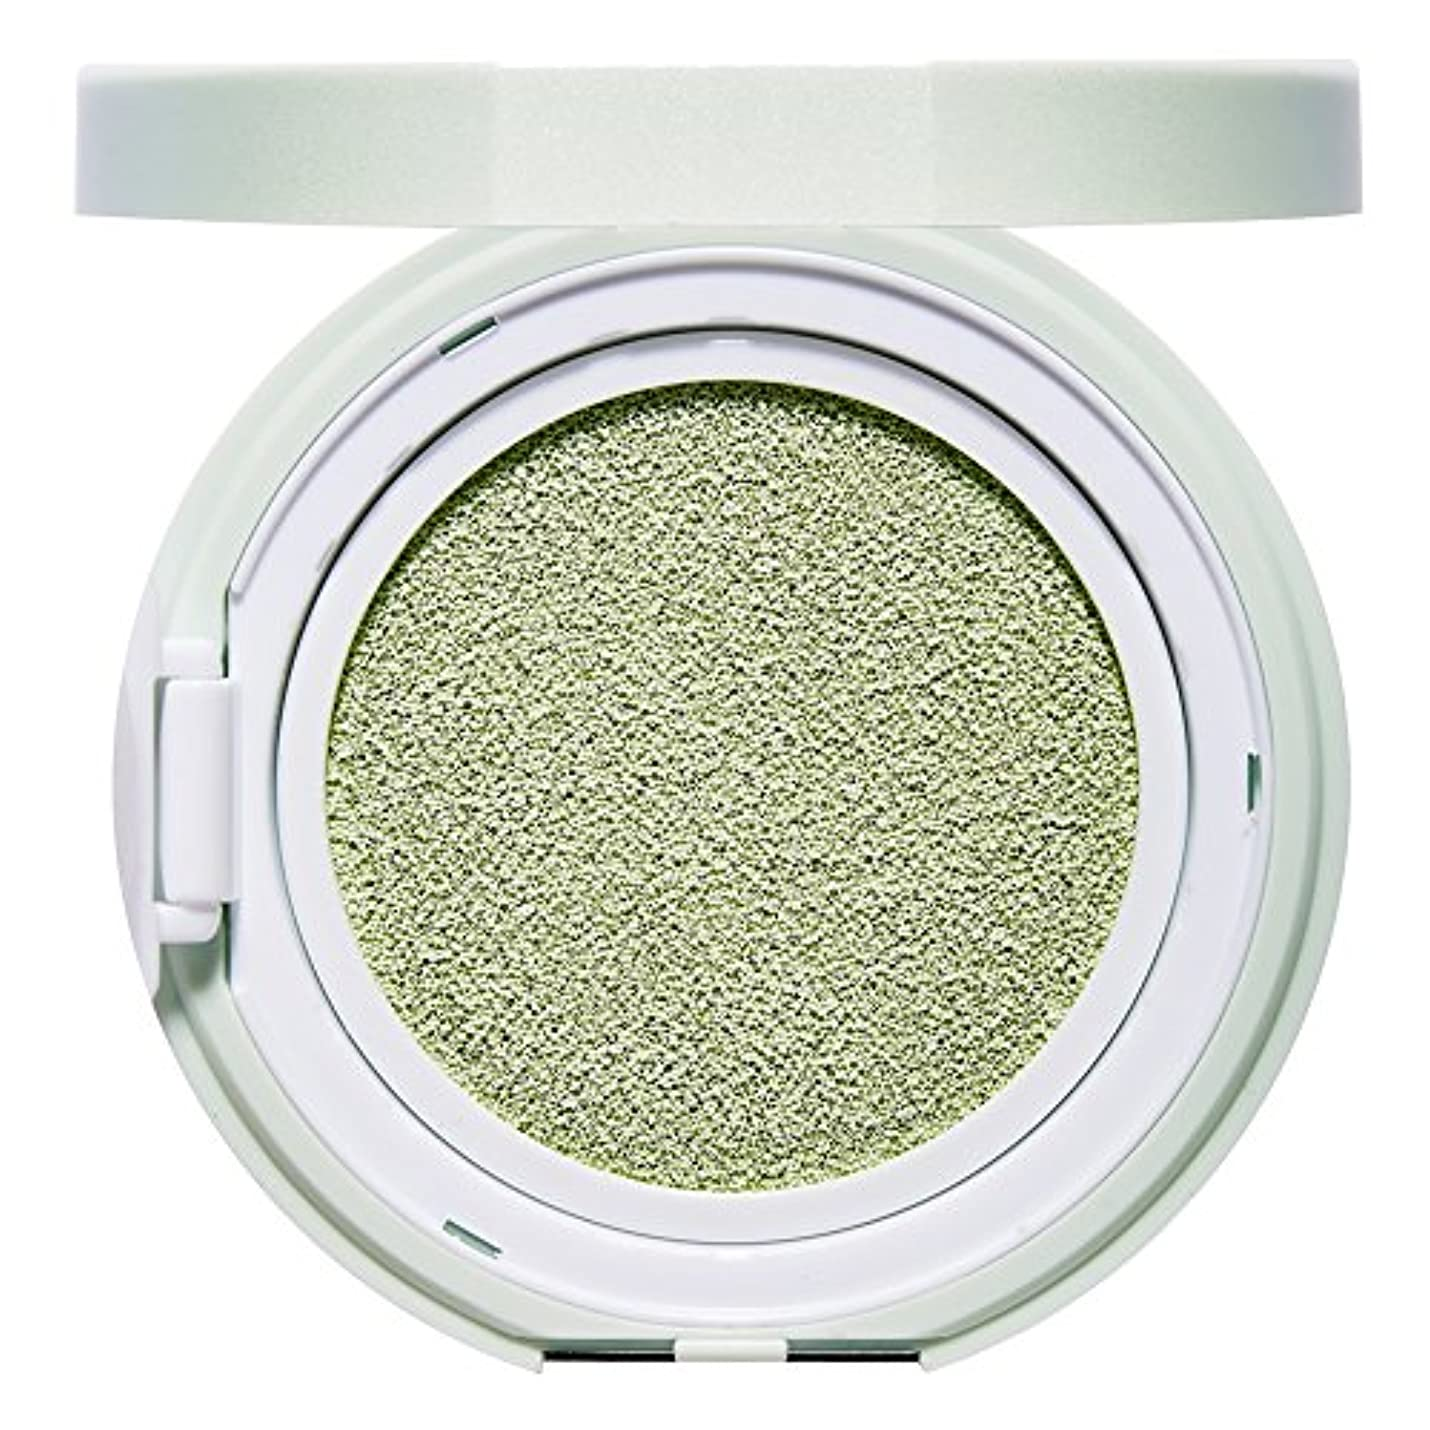 あえぎとげ船上エチュードハウス(ETUDE HOUSE) エニークッション カラーコレクター Mint[化粧下地、コントロールカラー、緑、グリーン]